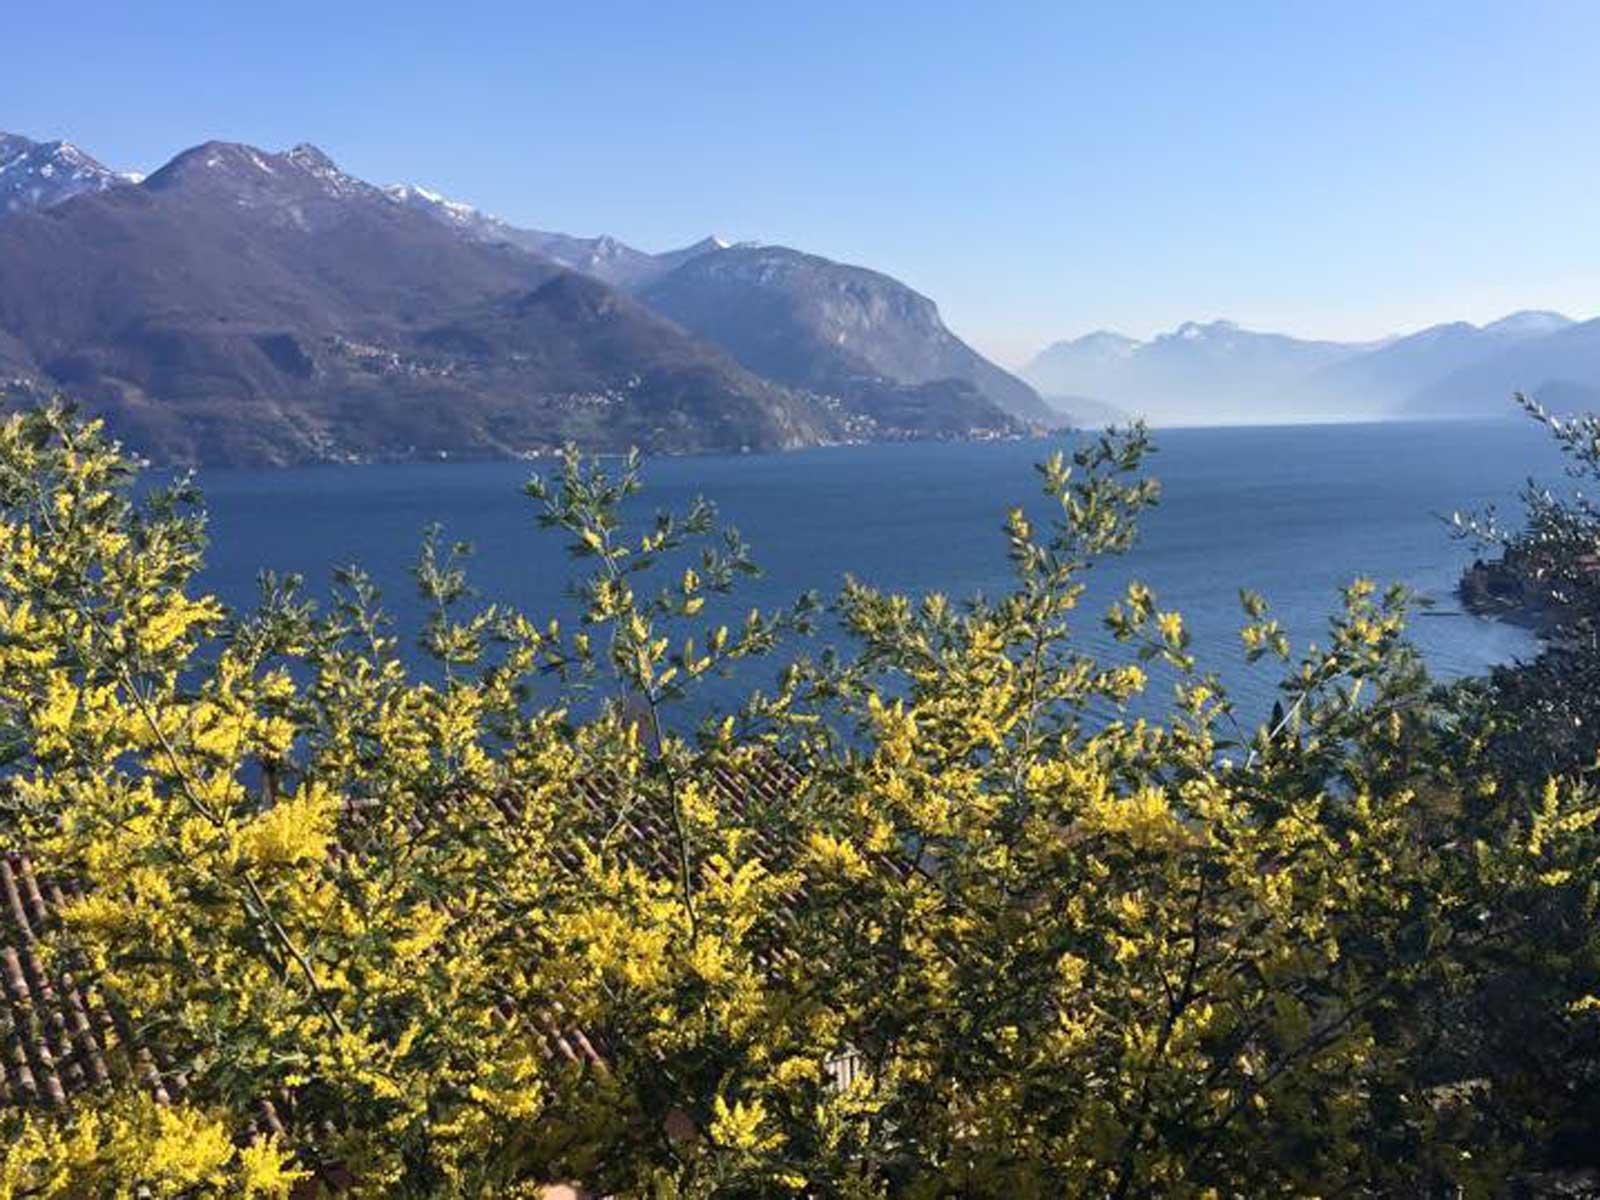 Bild von am See Blütenzauber